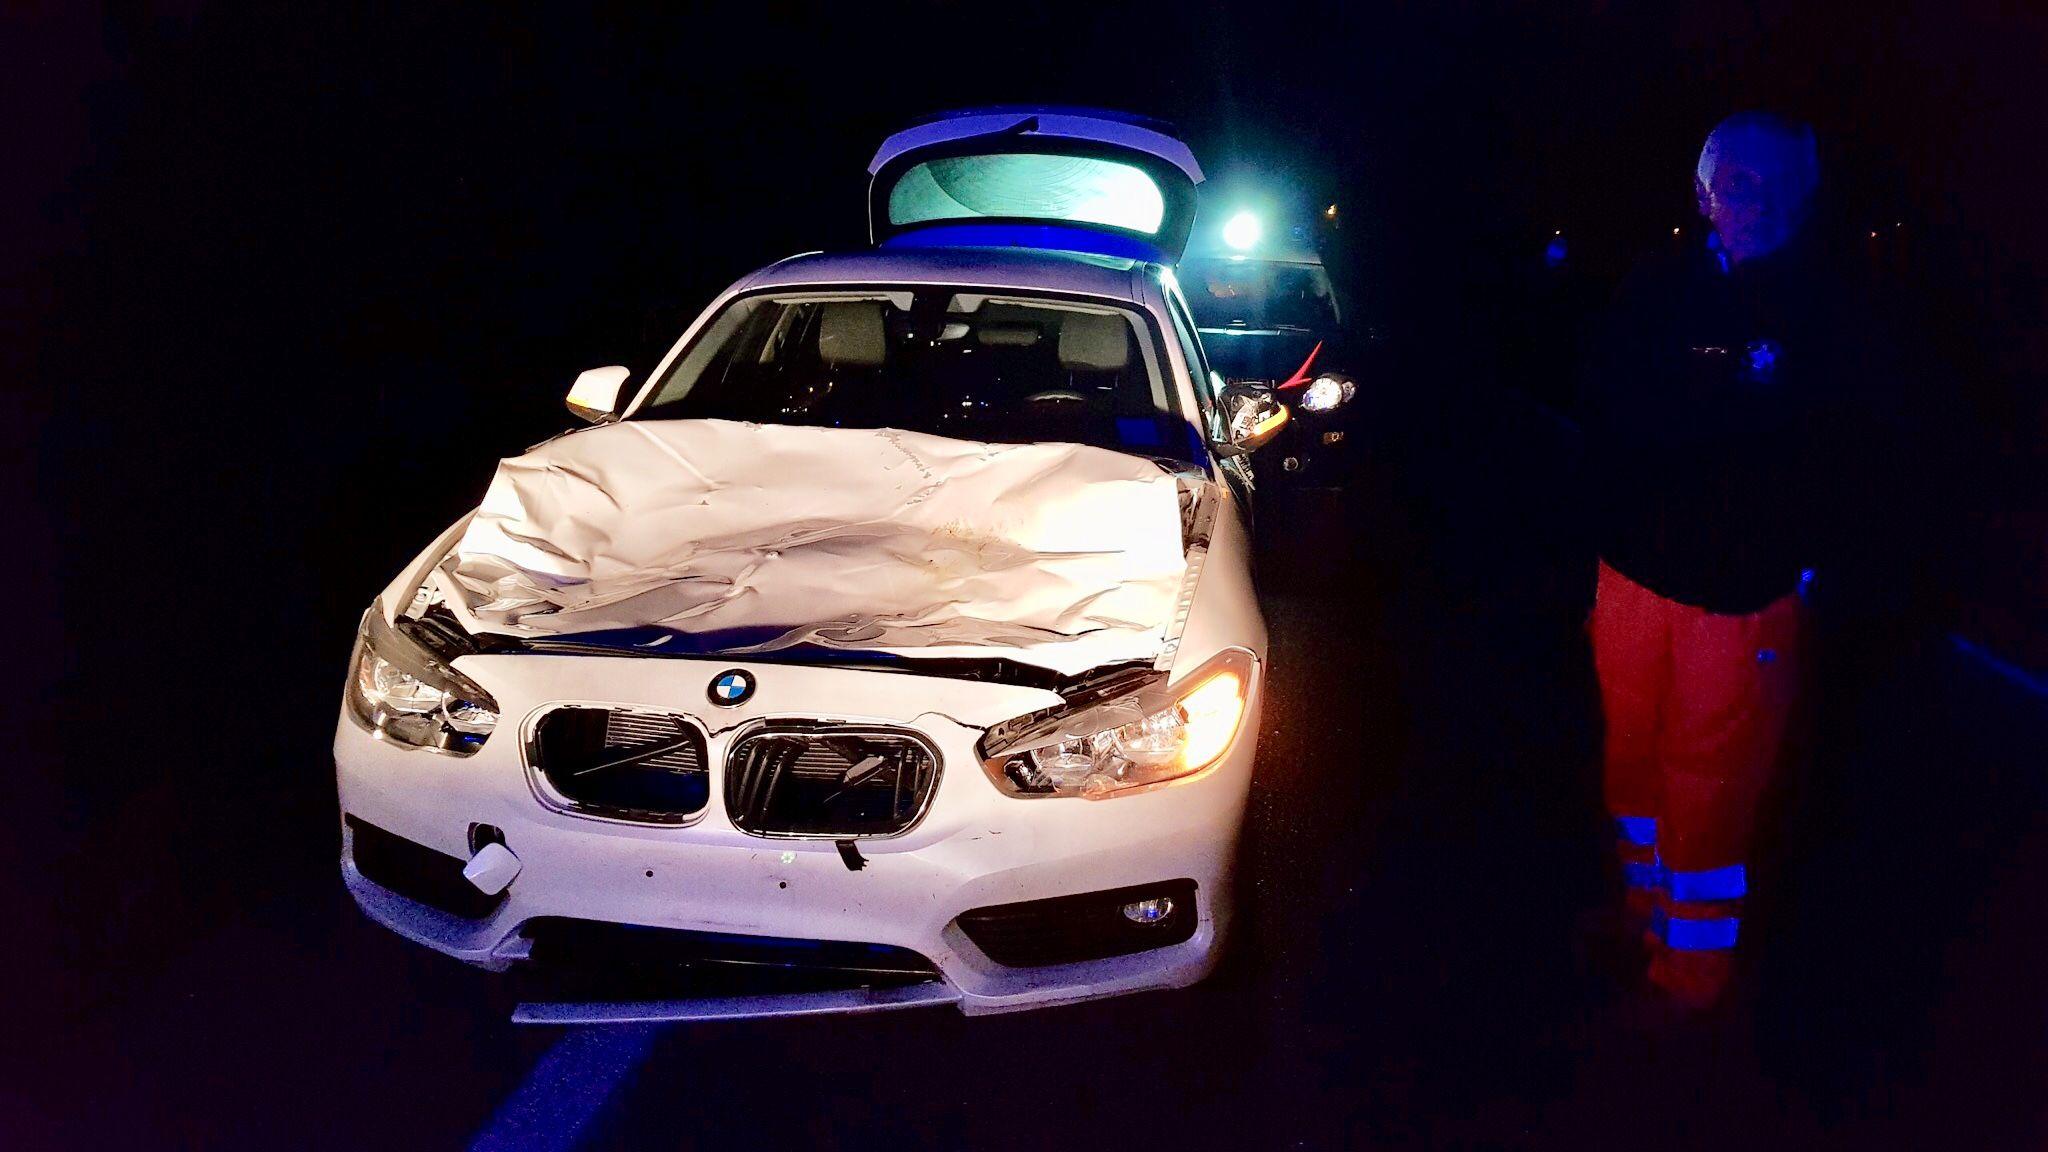 SALASSA-VALPERGA - Incidente stradale sulla 460: auto travolge una mucca - FOTO E VIDEO